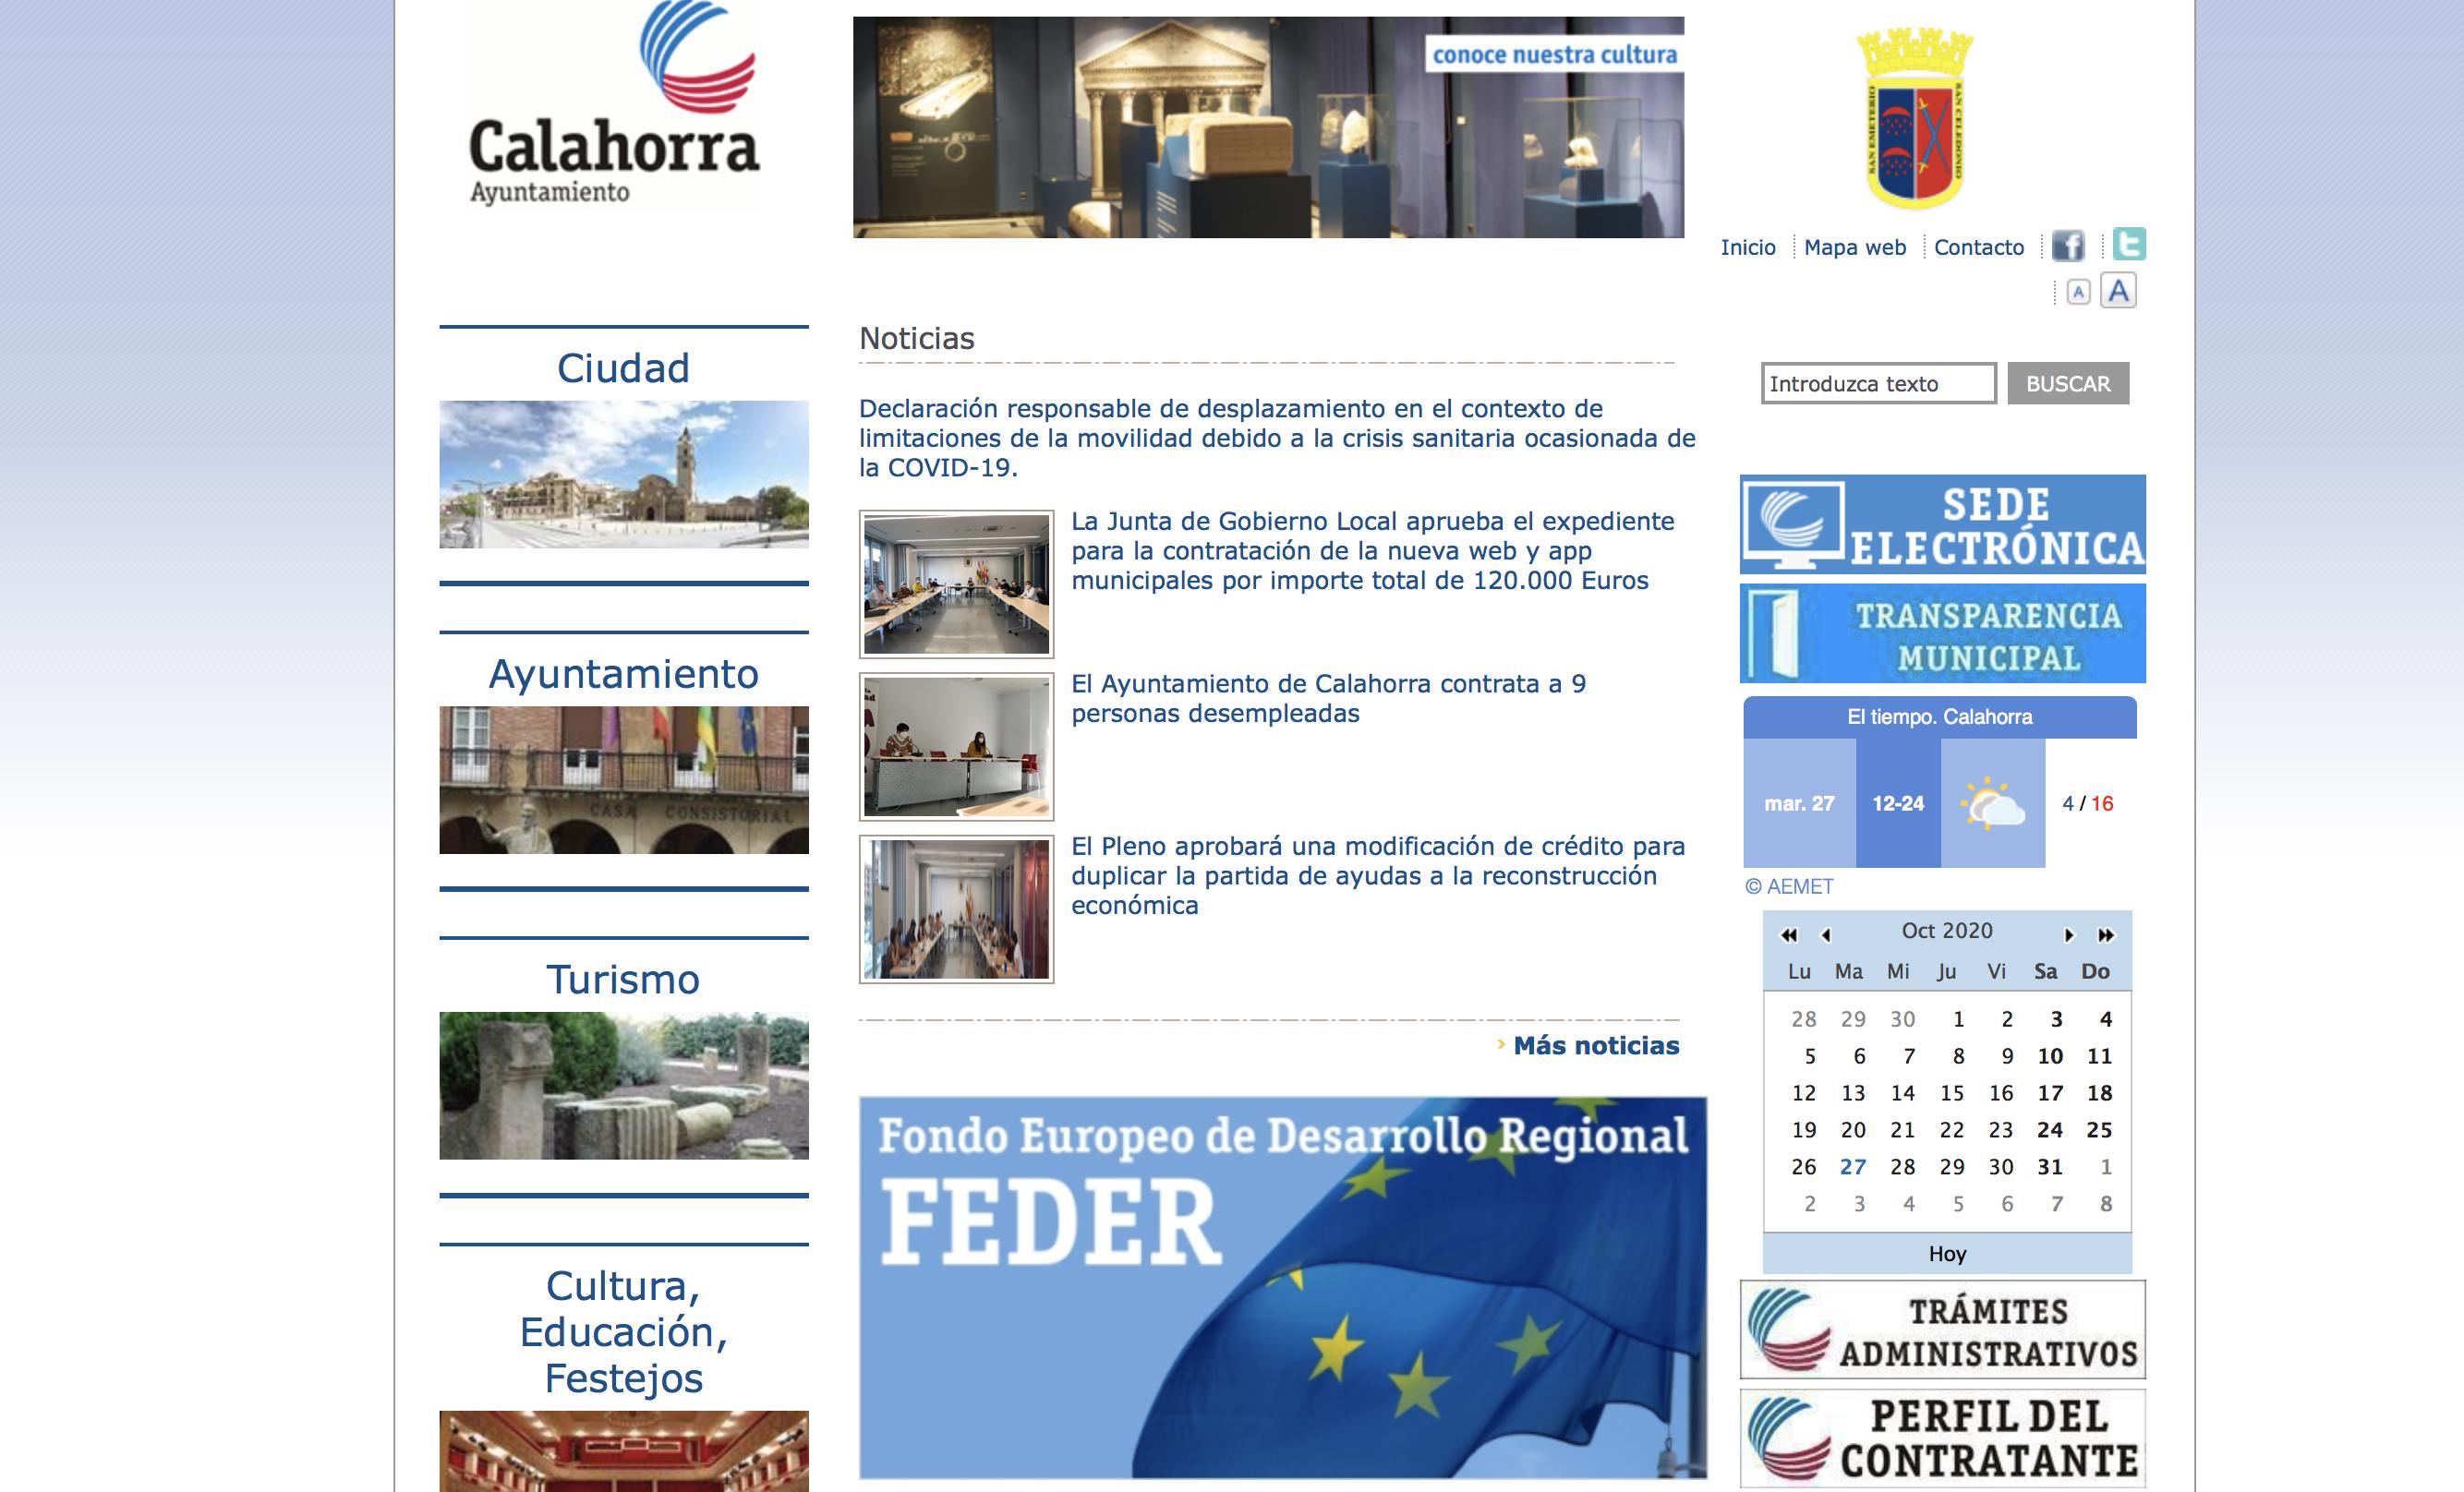 El ayuntamiento de Calahorra rediseñará su página web